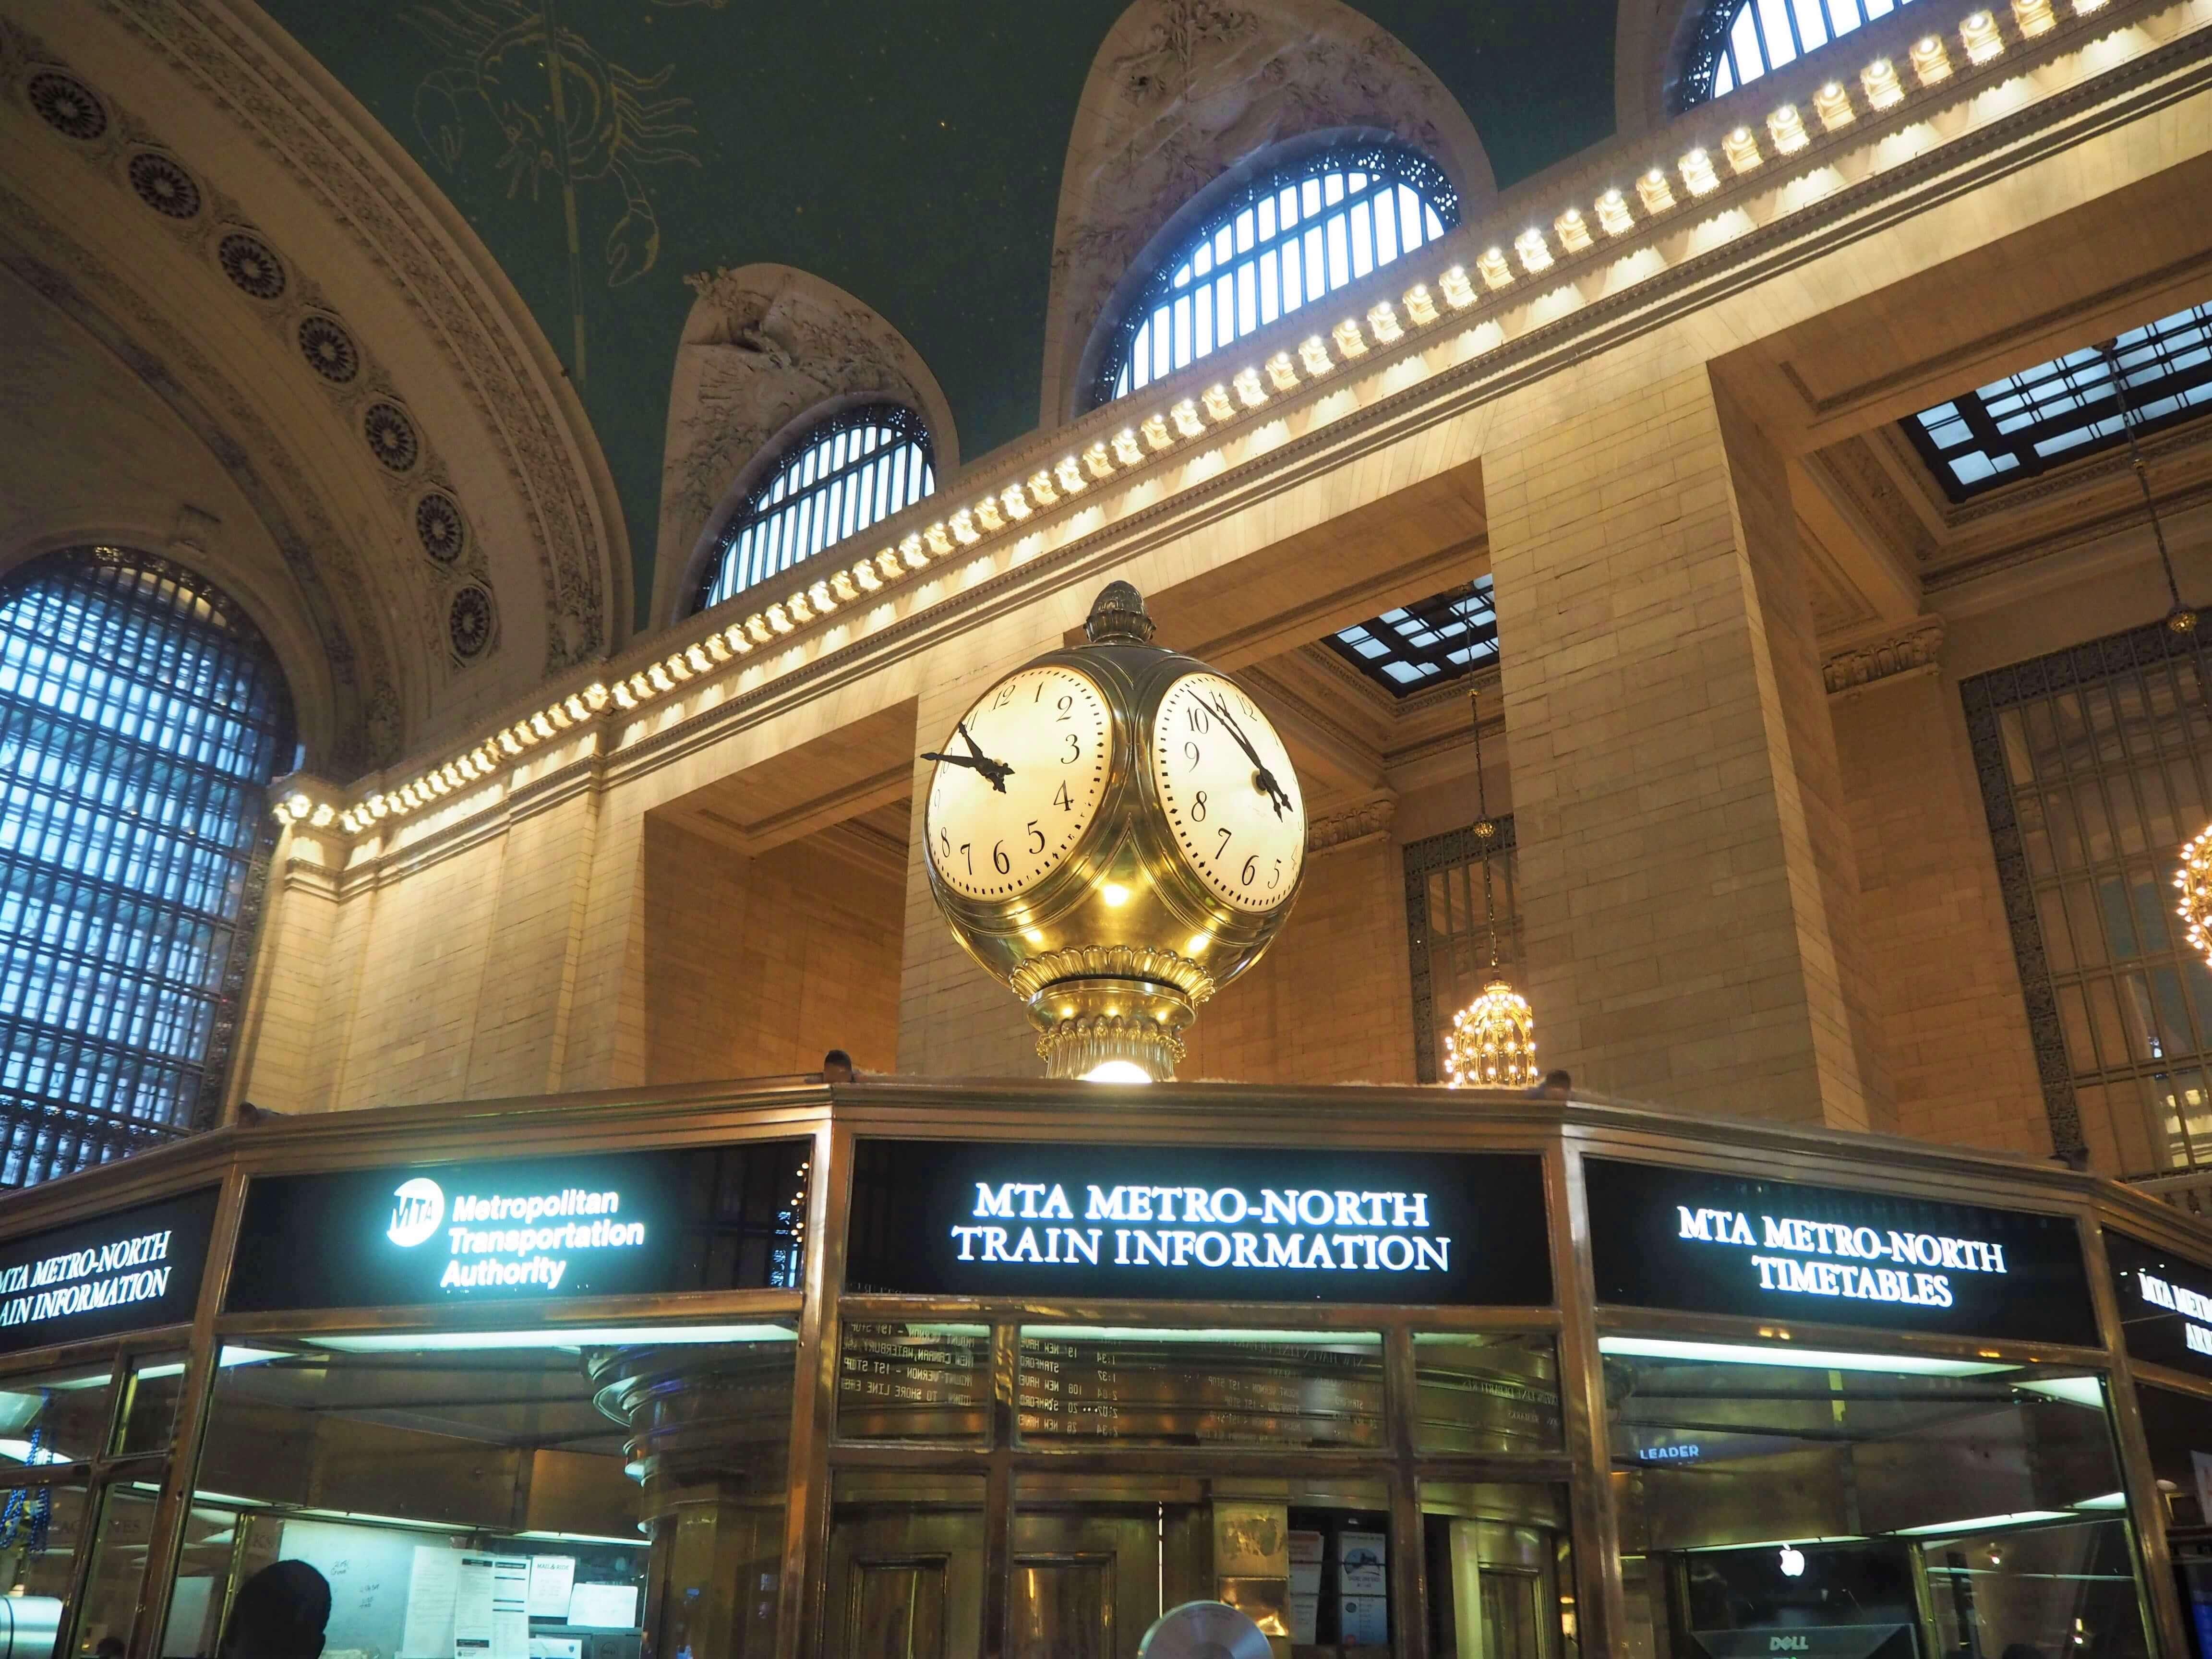 グランドセントラル駅の時計